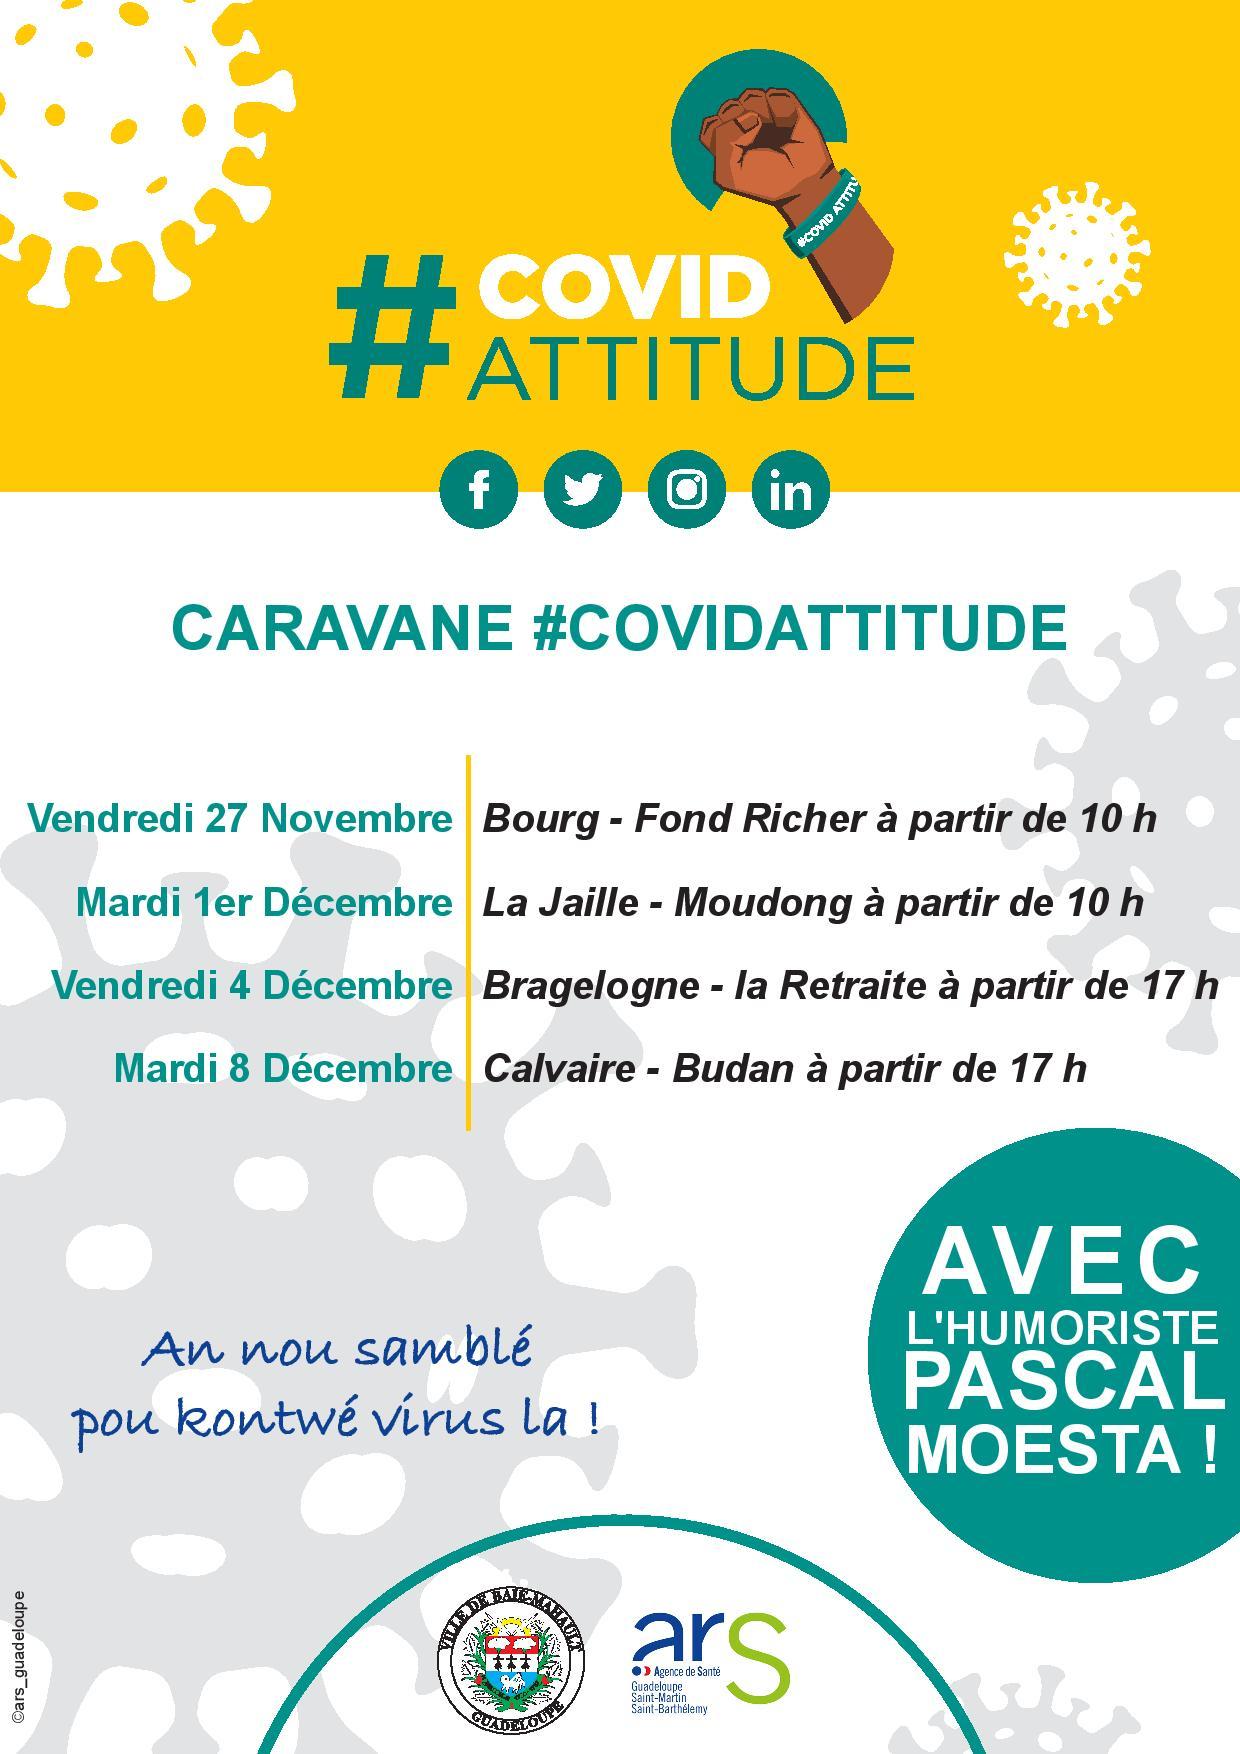 ARS - Programme Action Caravane Covid Attitude de la Ville de Baie-Mahault